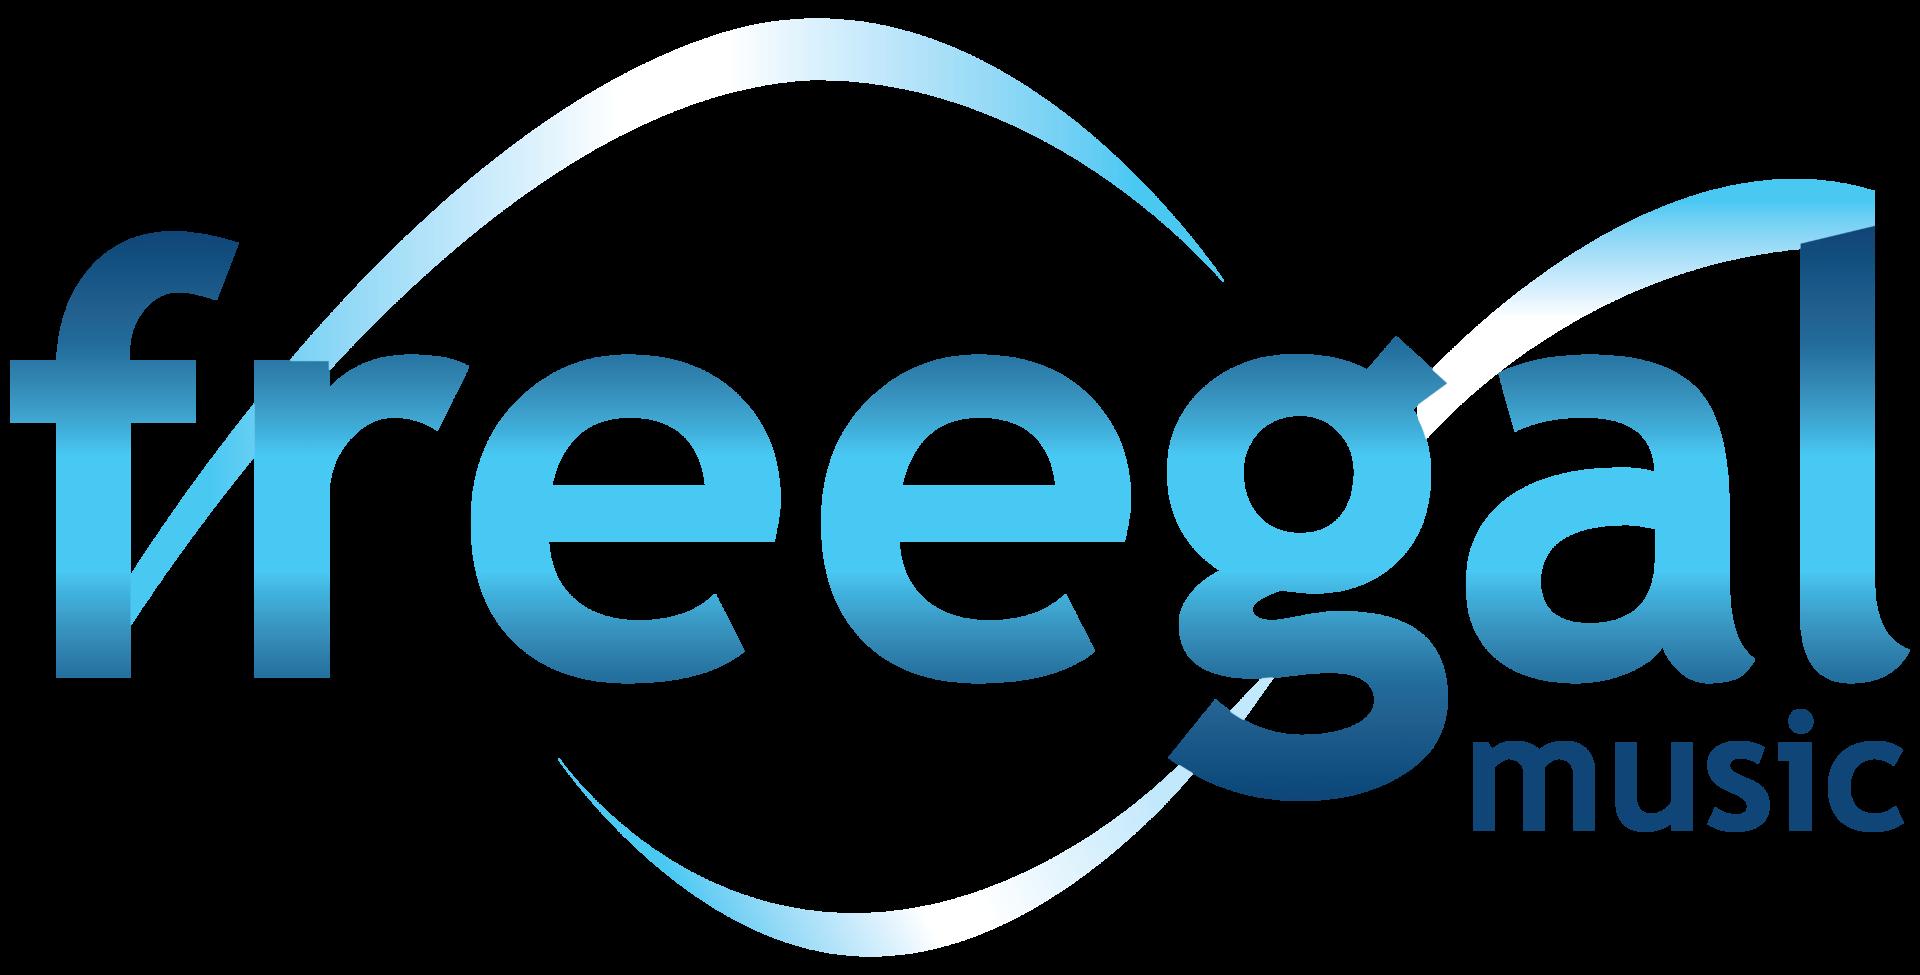 freegal music logo